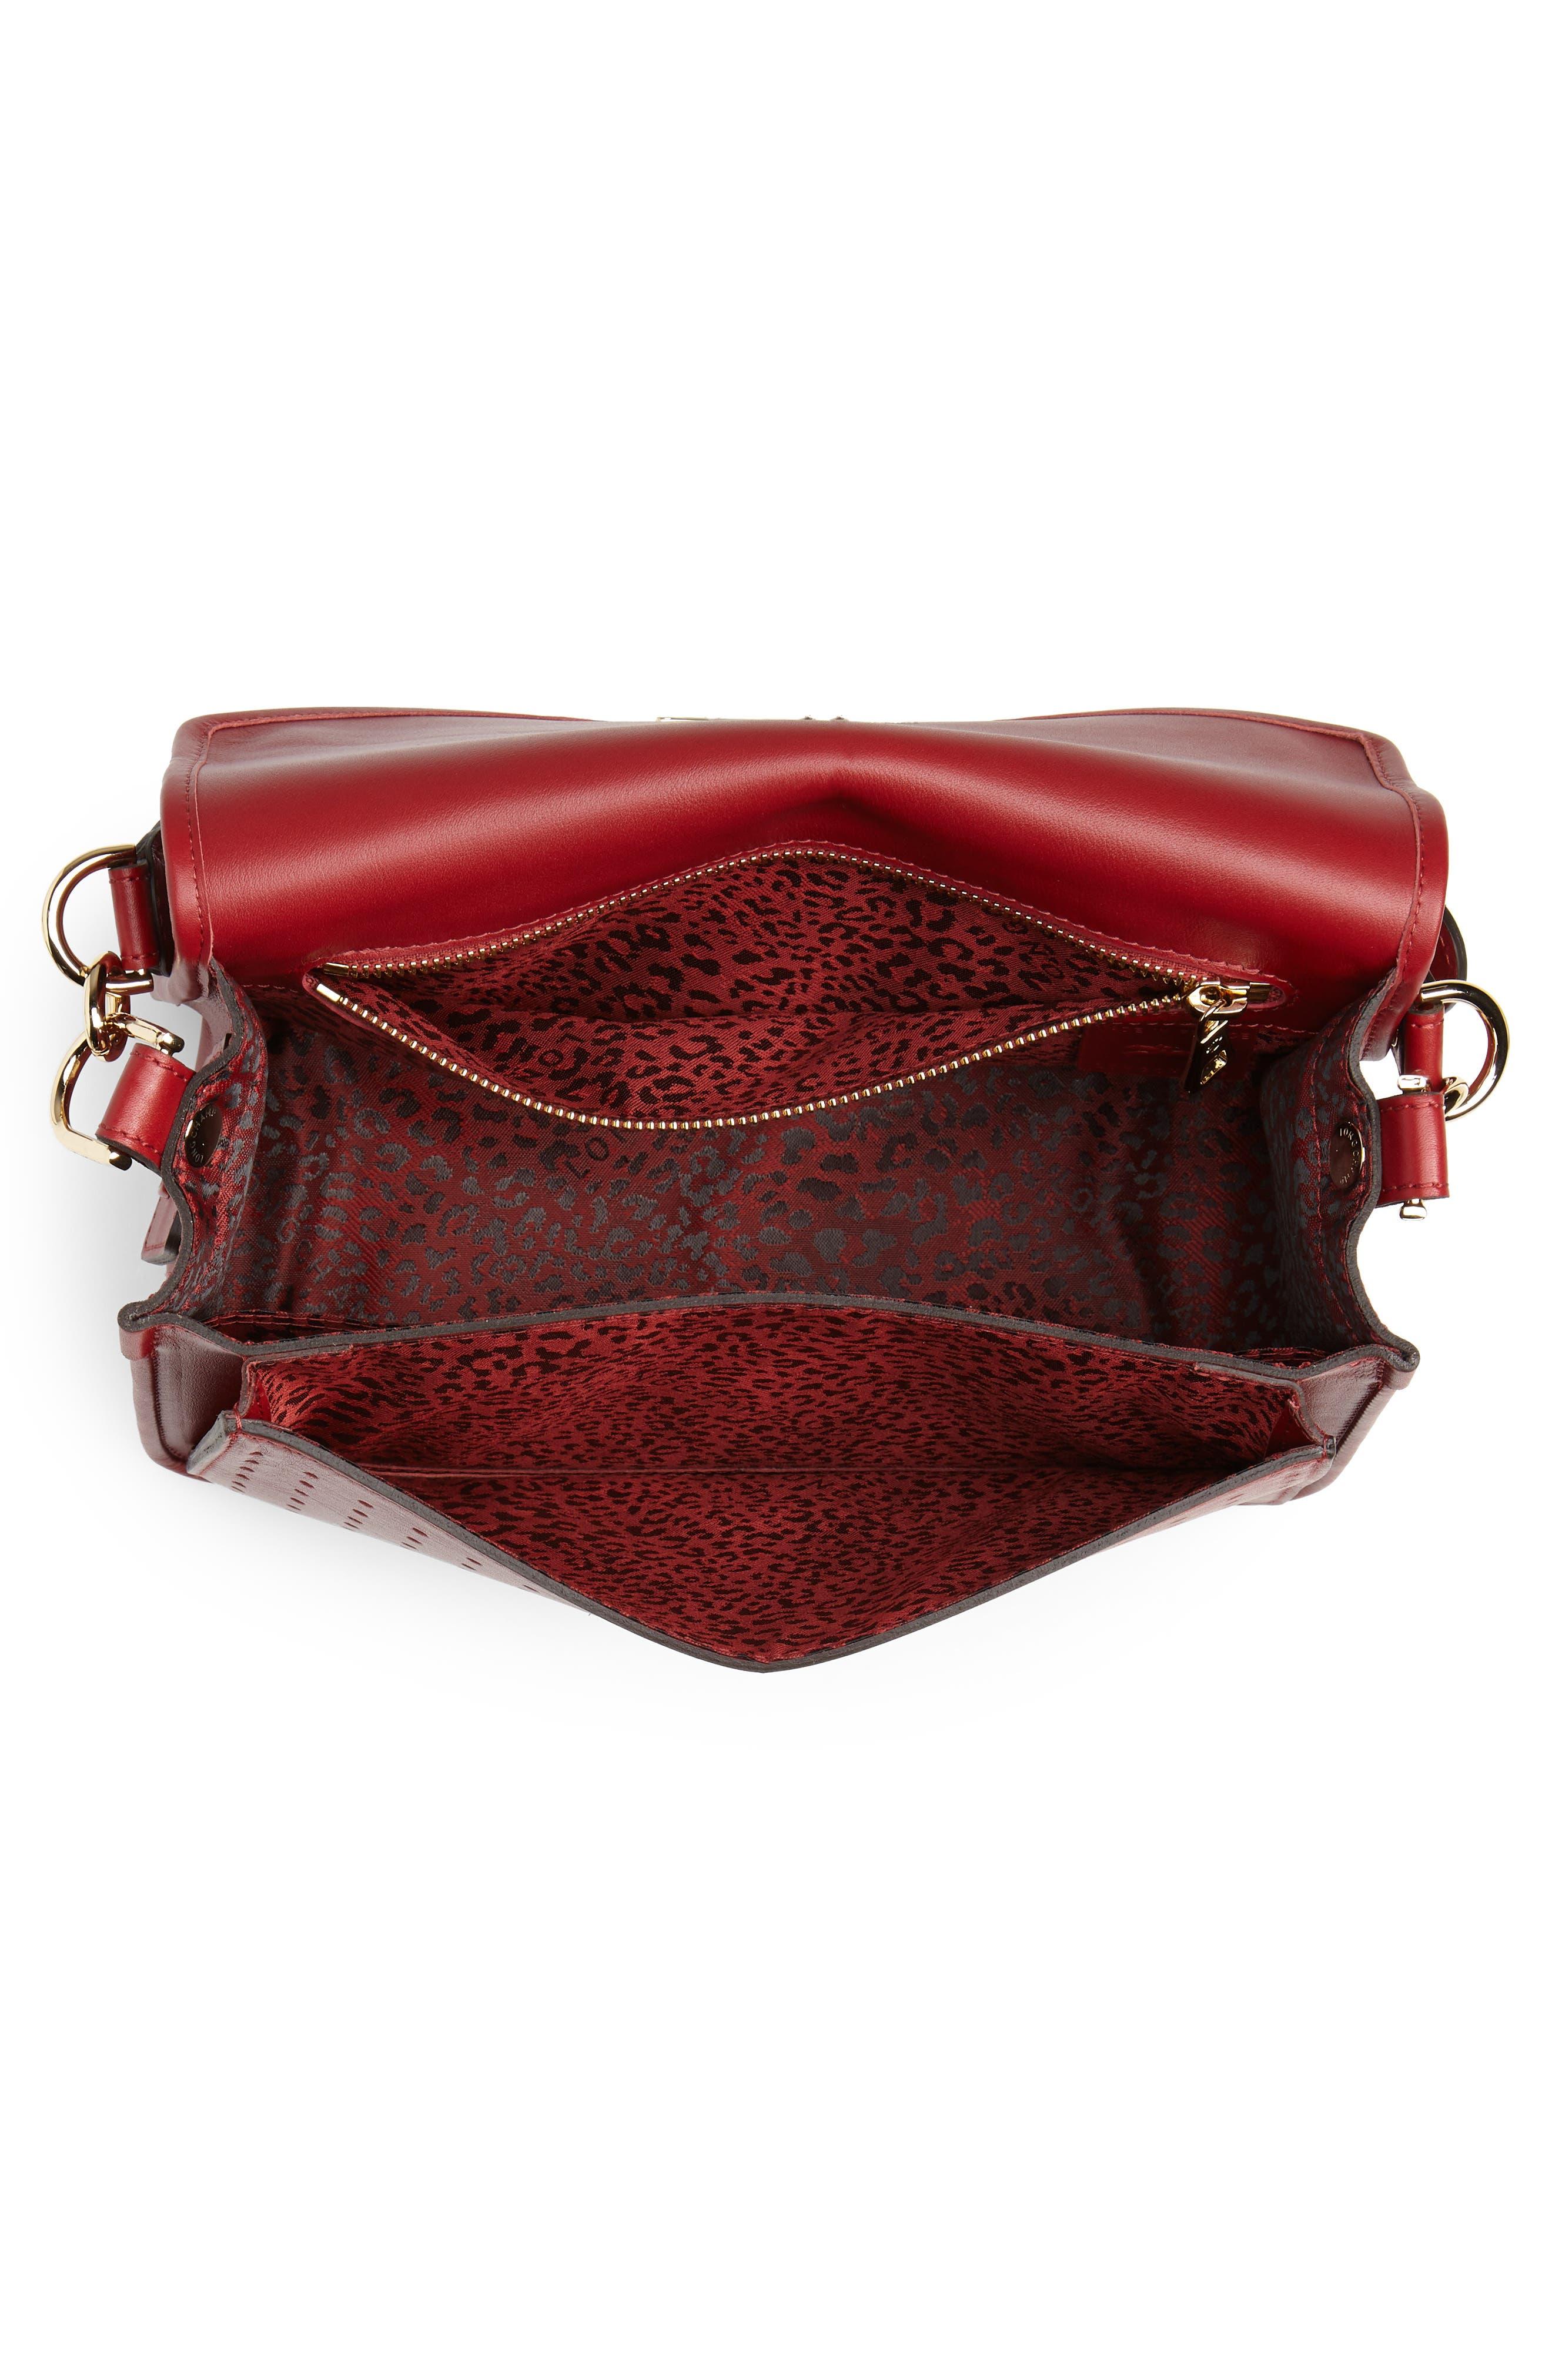 Mademoiselle Calfskin Leather Crossbody Bag,                             Alternate thumbnail 4, color,                             GARNET RED